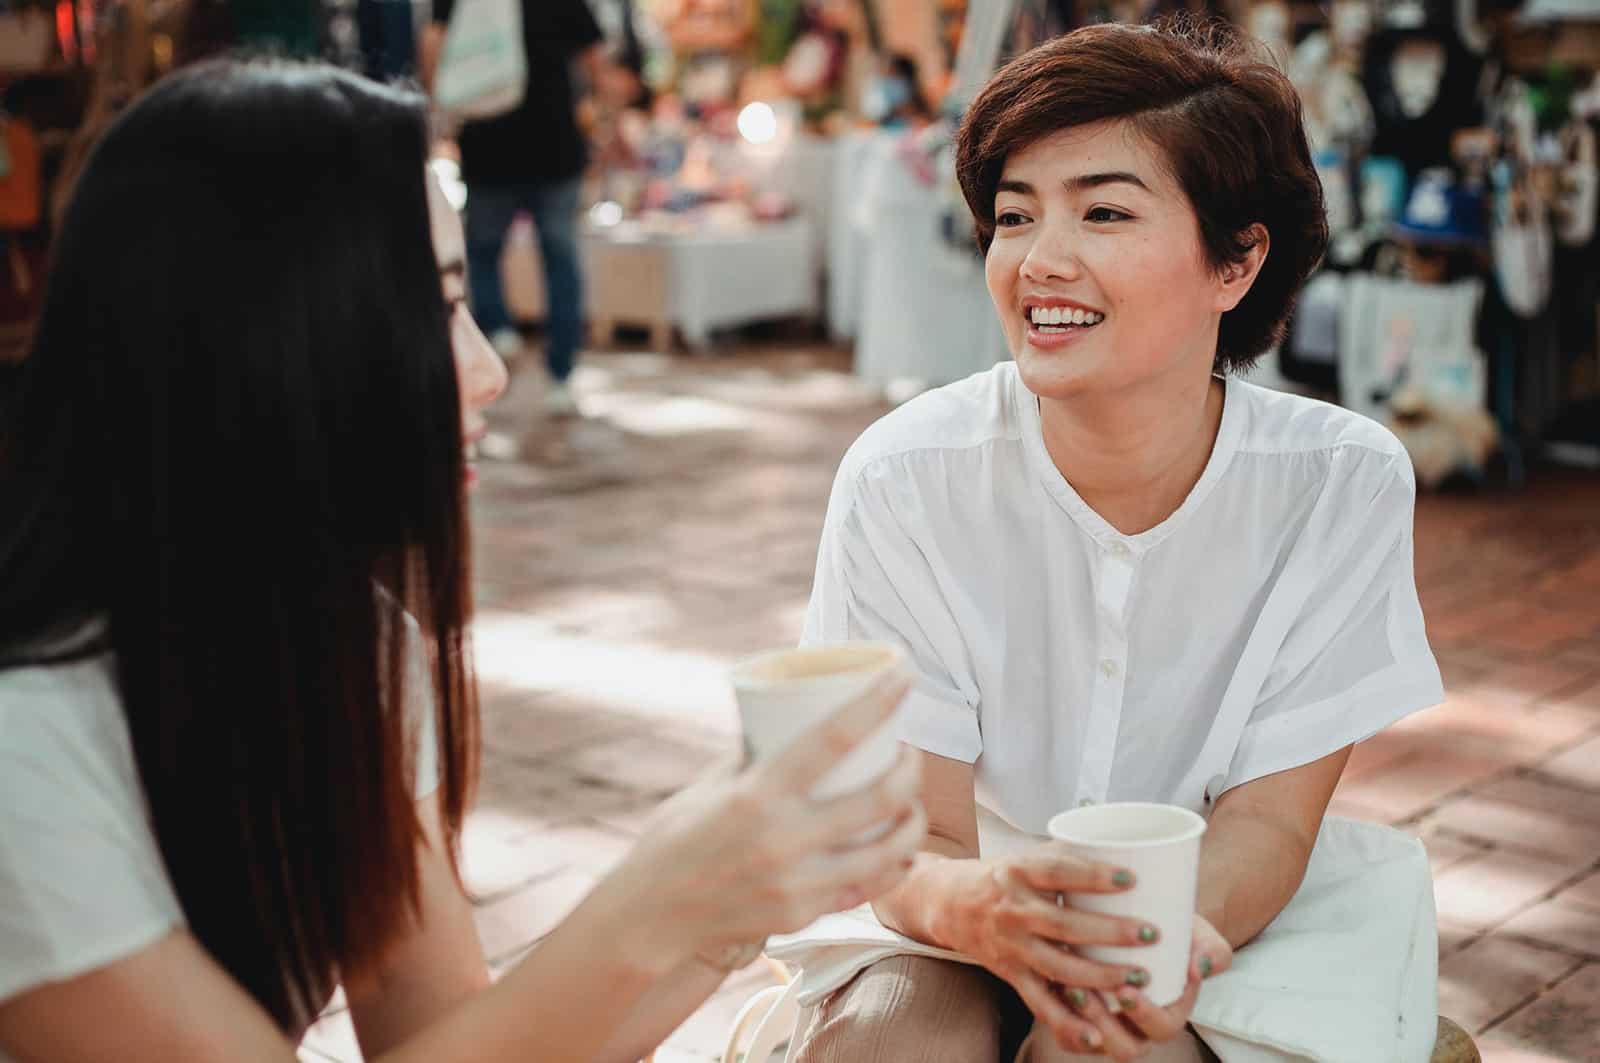 Zwei Frauen unterhalten sich im Straßencafé und trinken Kaffee